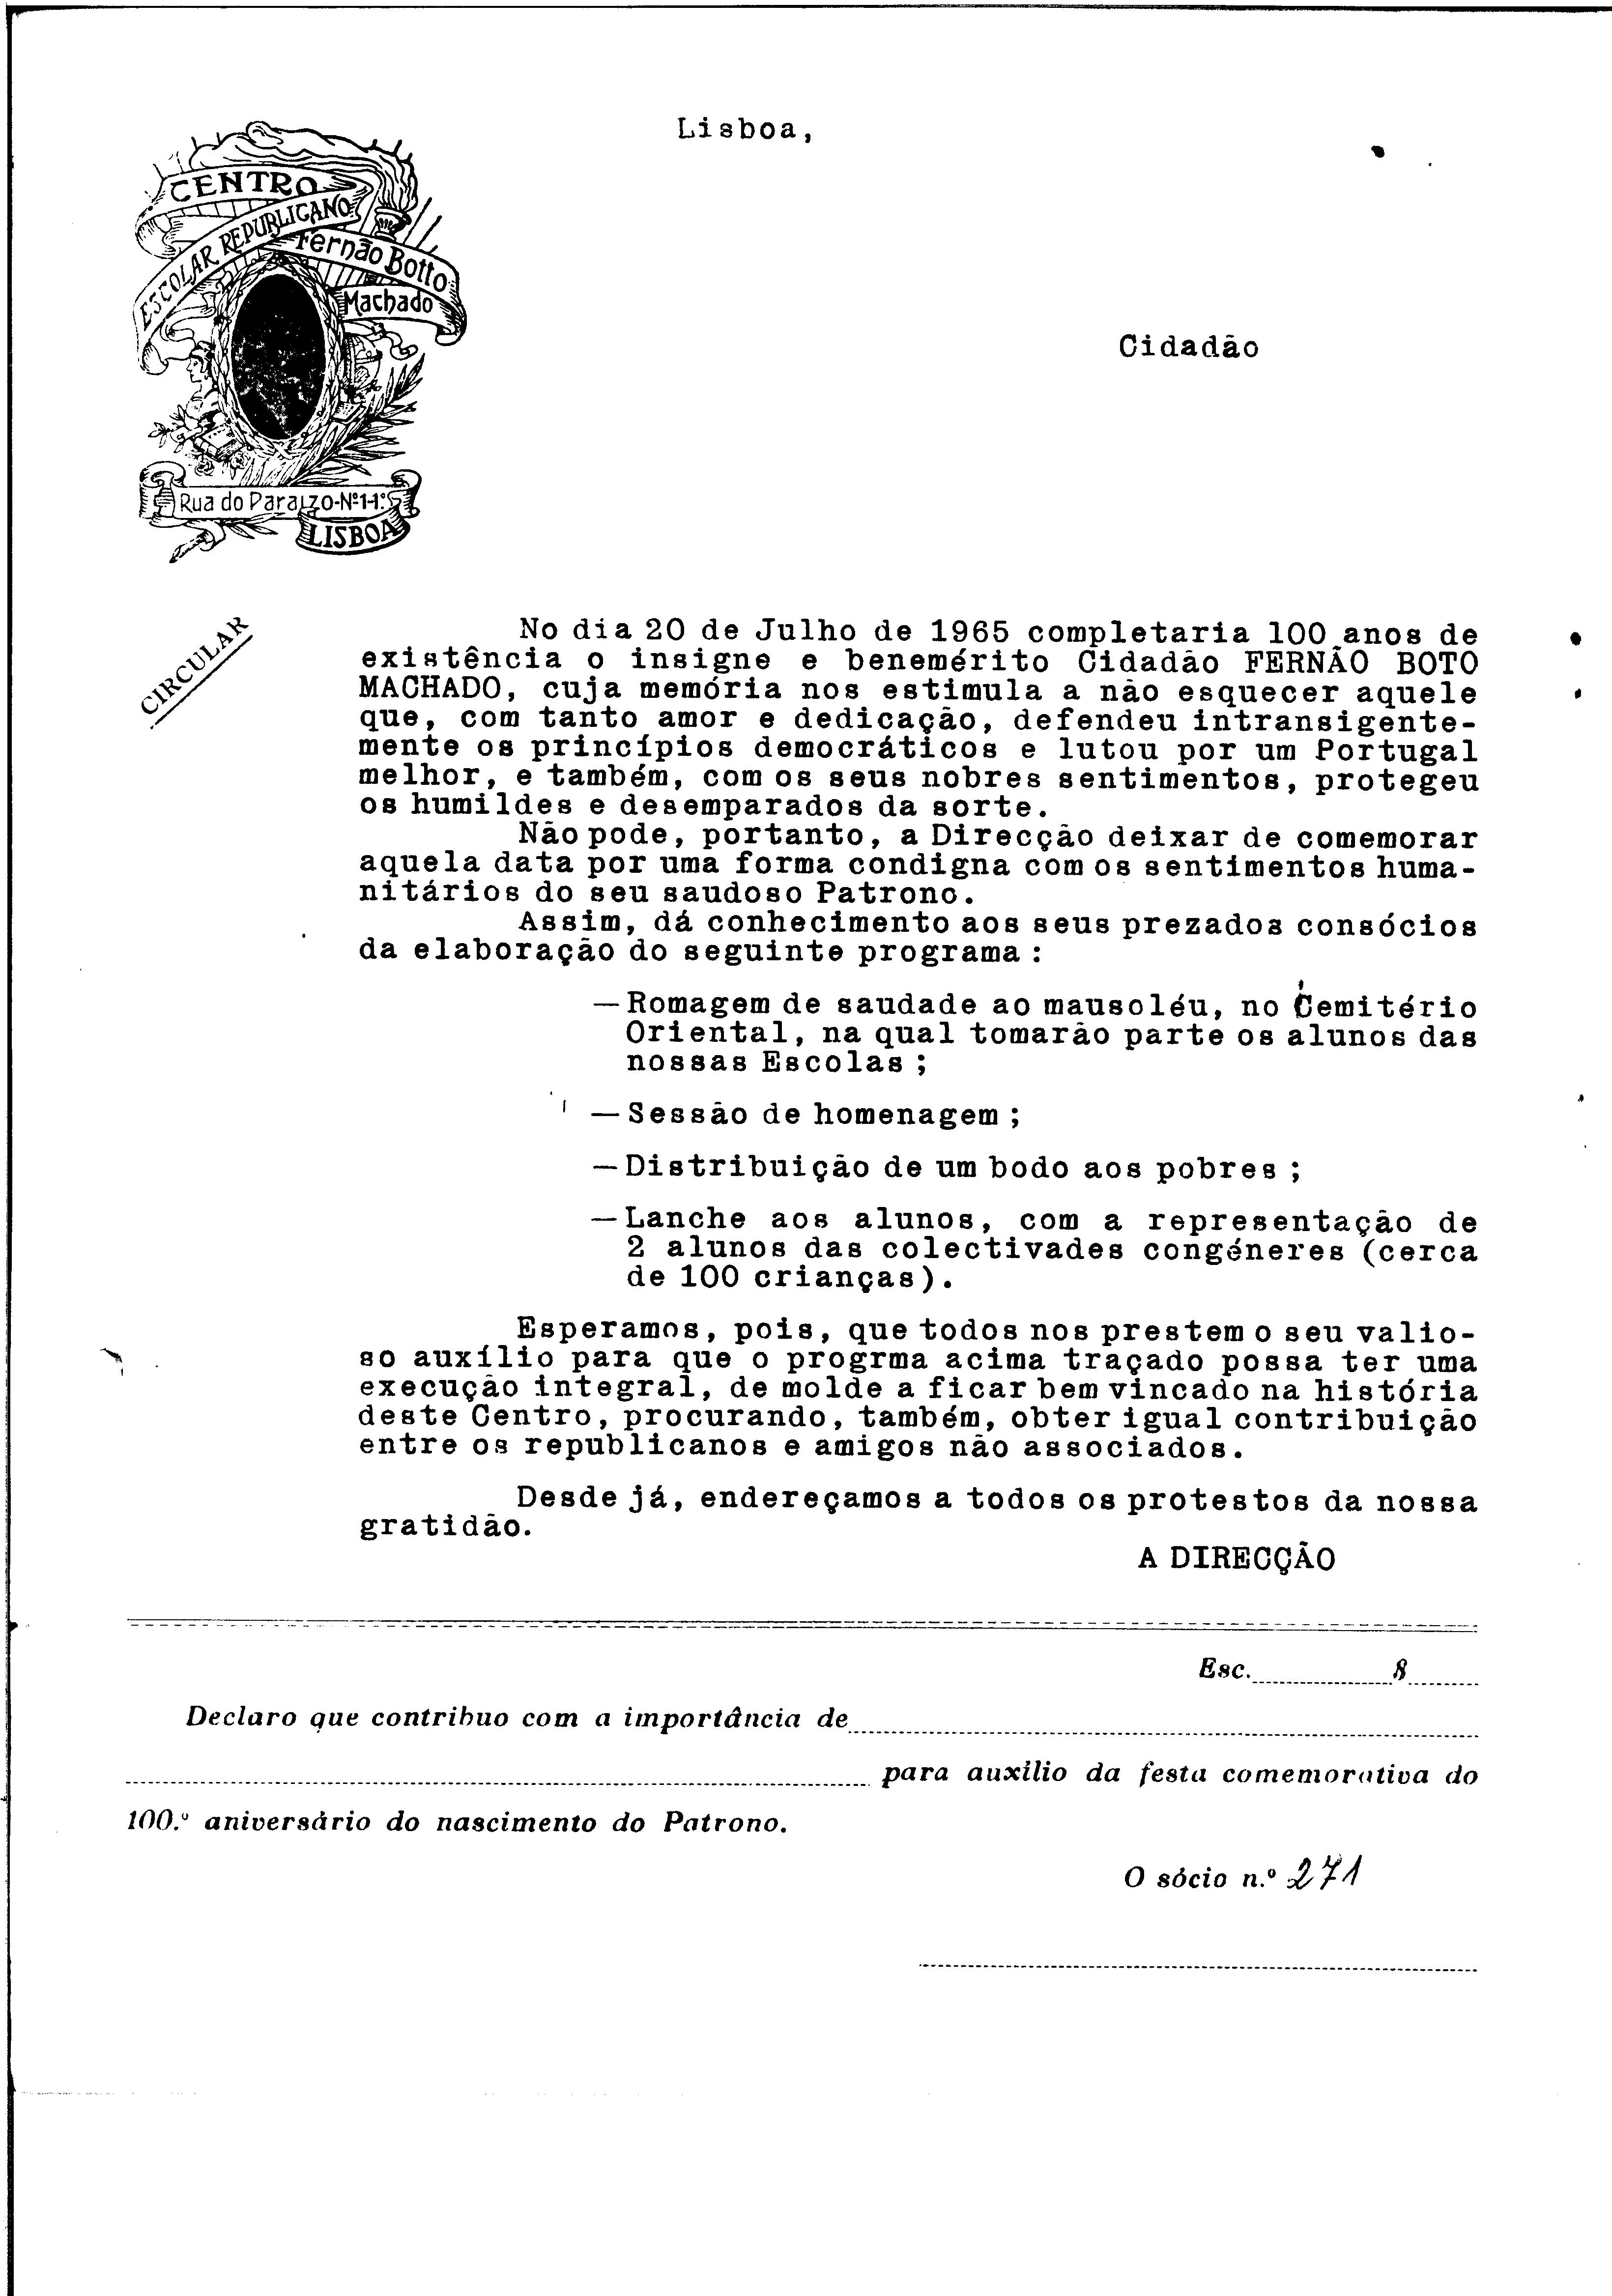 01059.006- pag.1